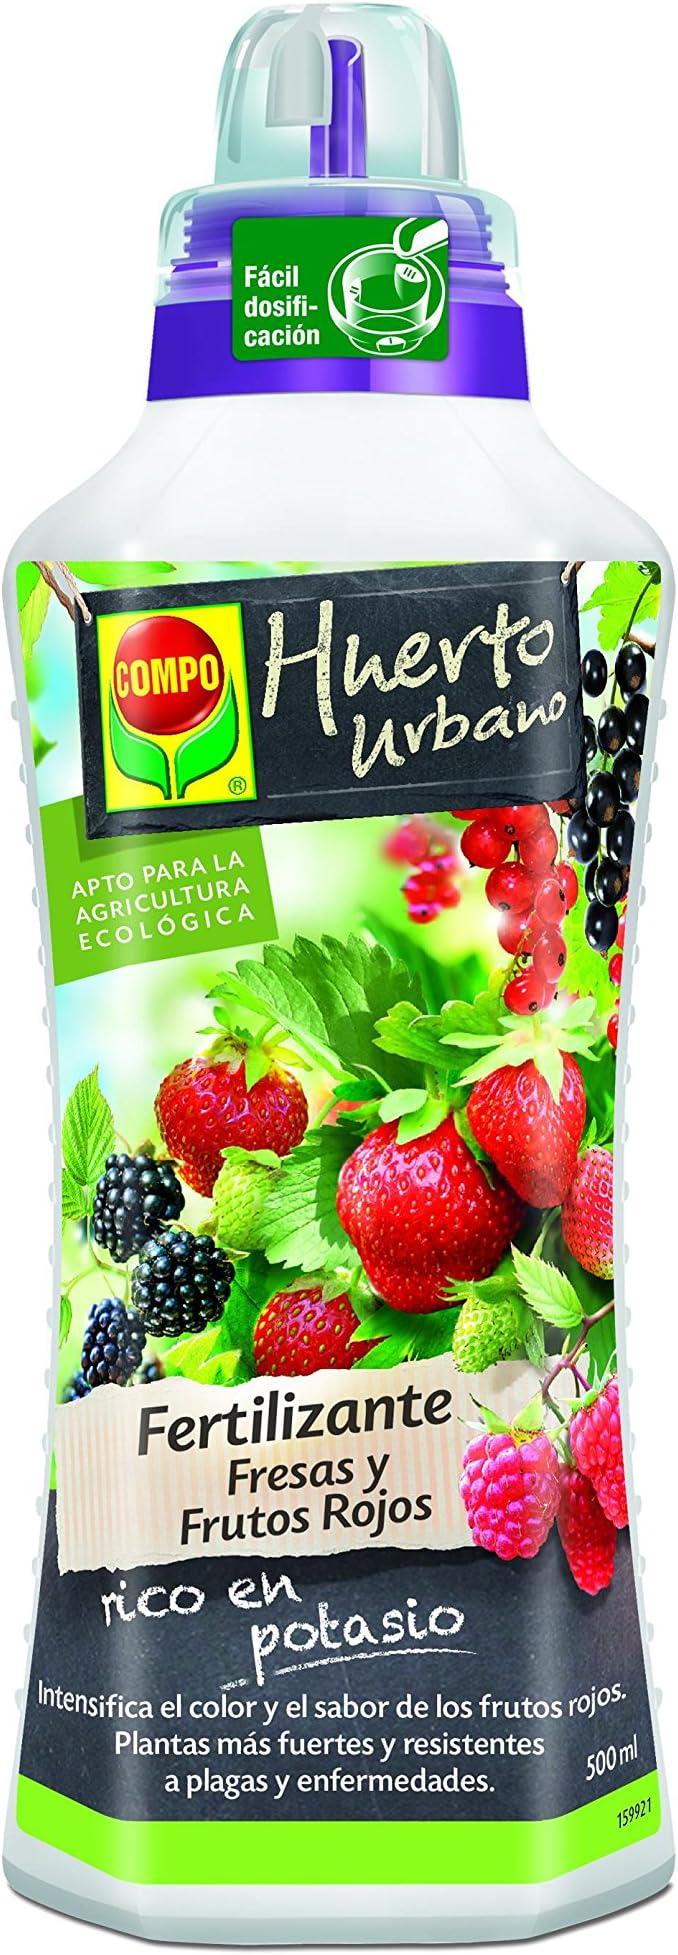 Compo Fresas y Frutos Rojos, Fertilizante líquido Natural, 500 ml ...